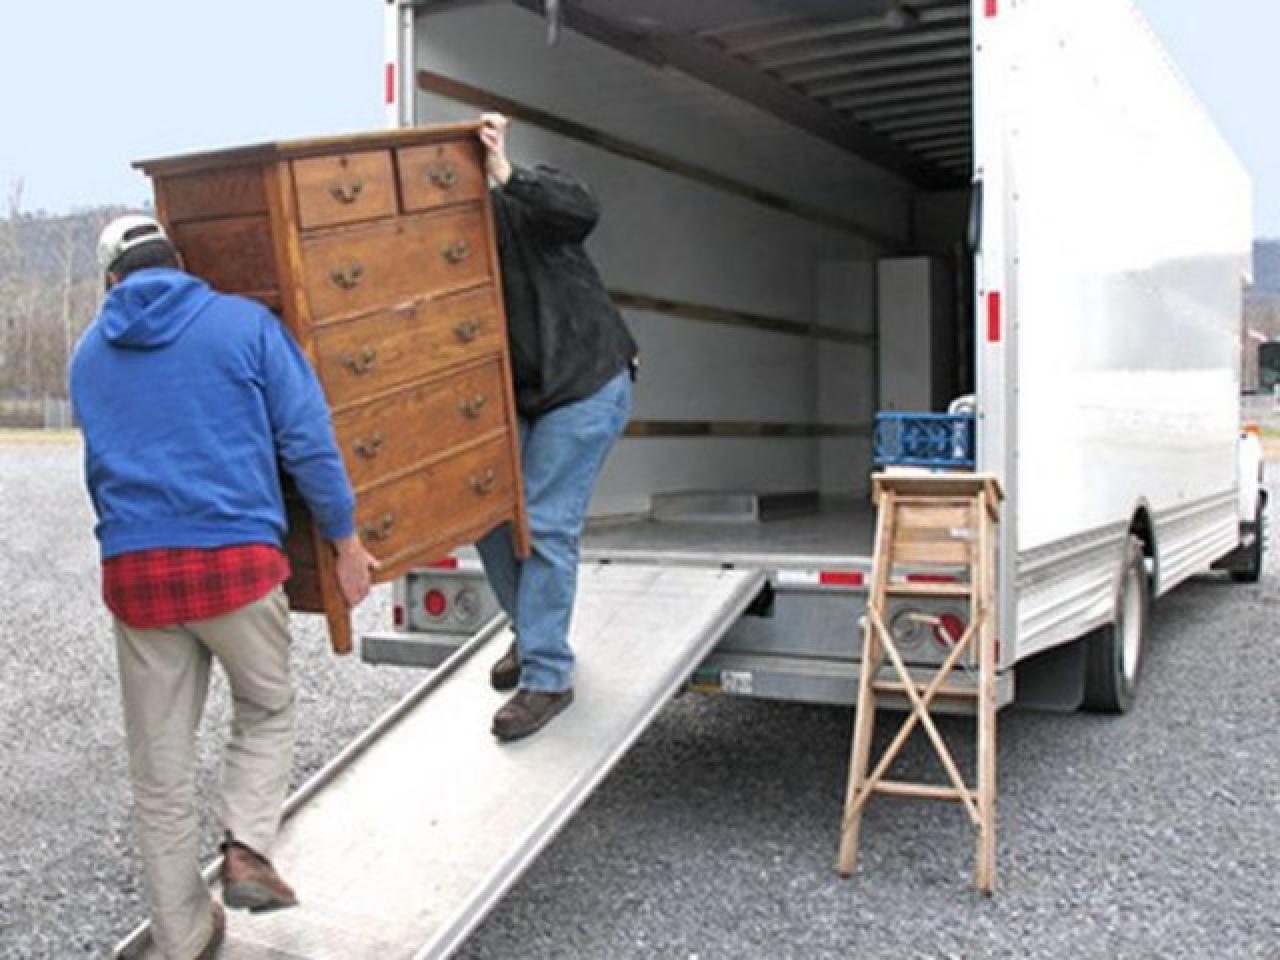 Перевозки, переезды, доставка крупногабаритных товаров из магазинов - 3